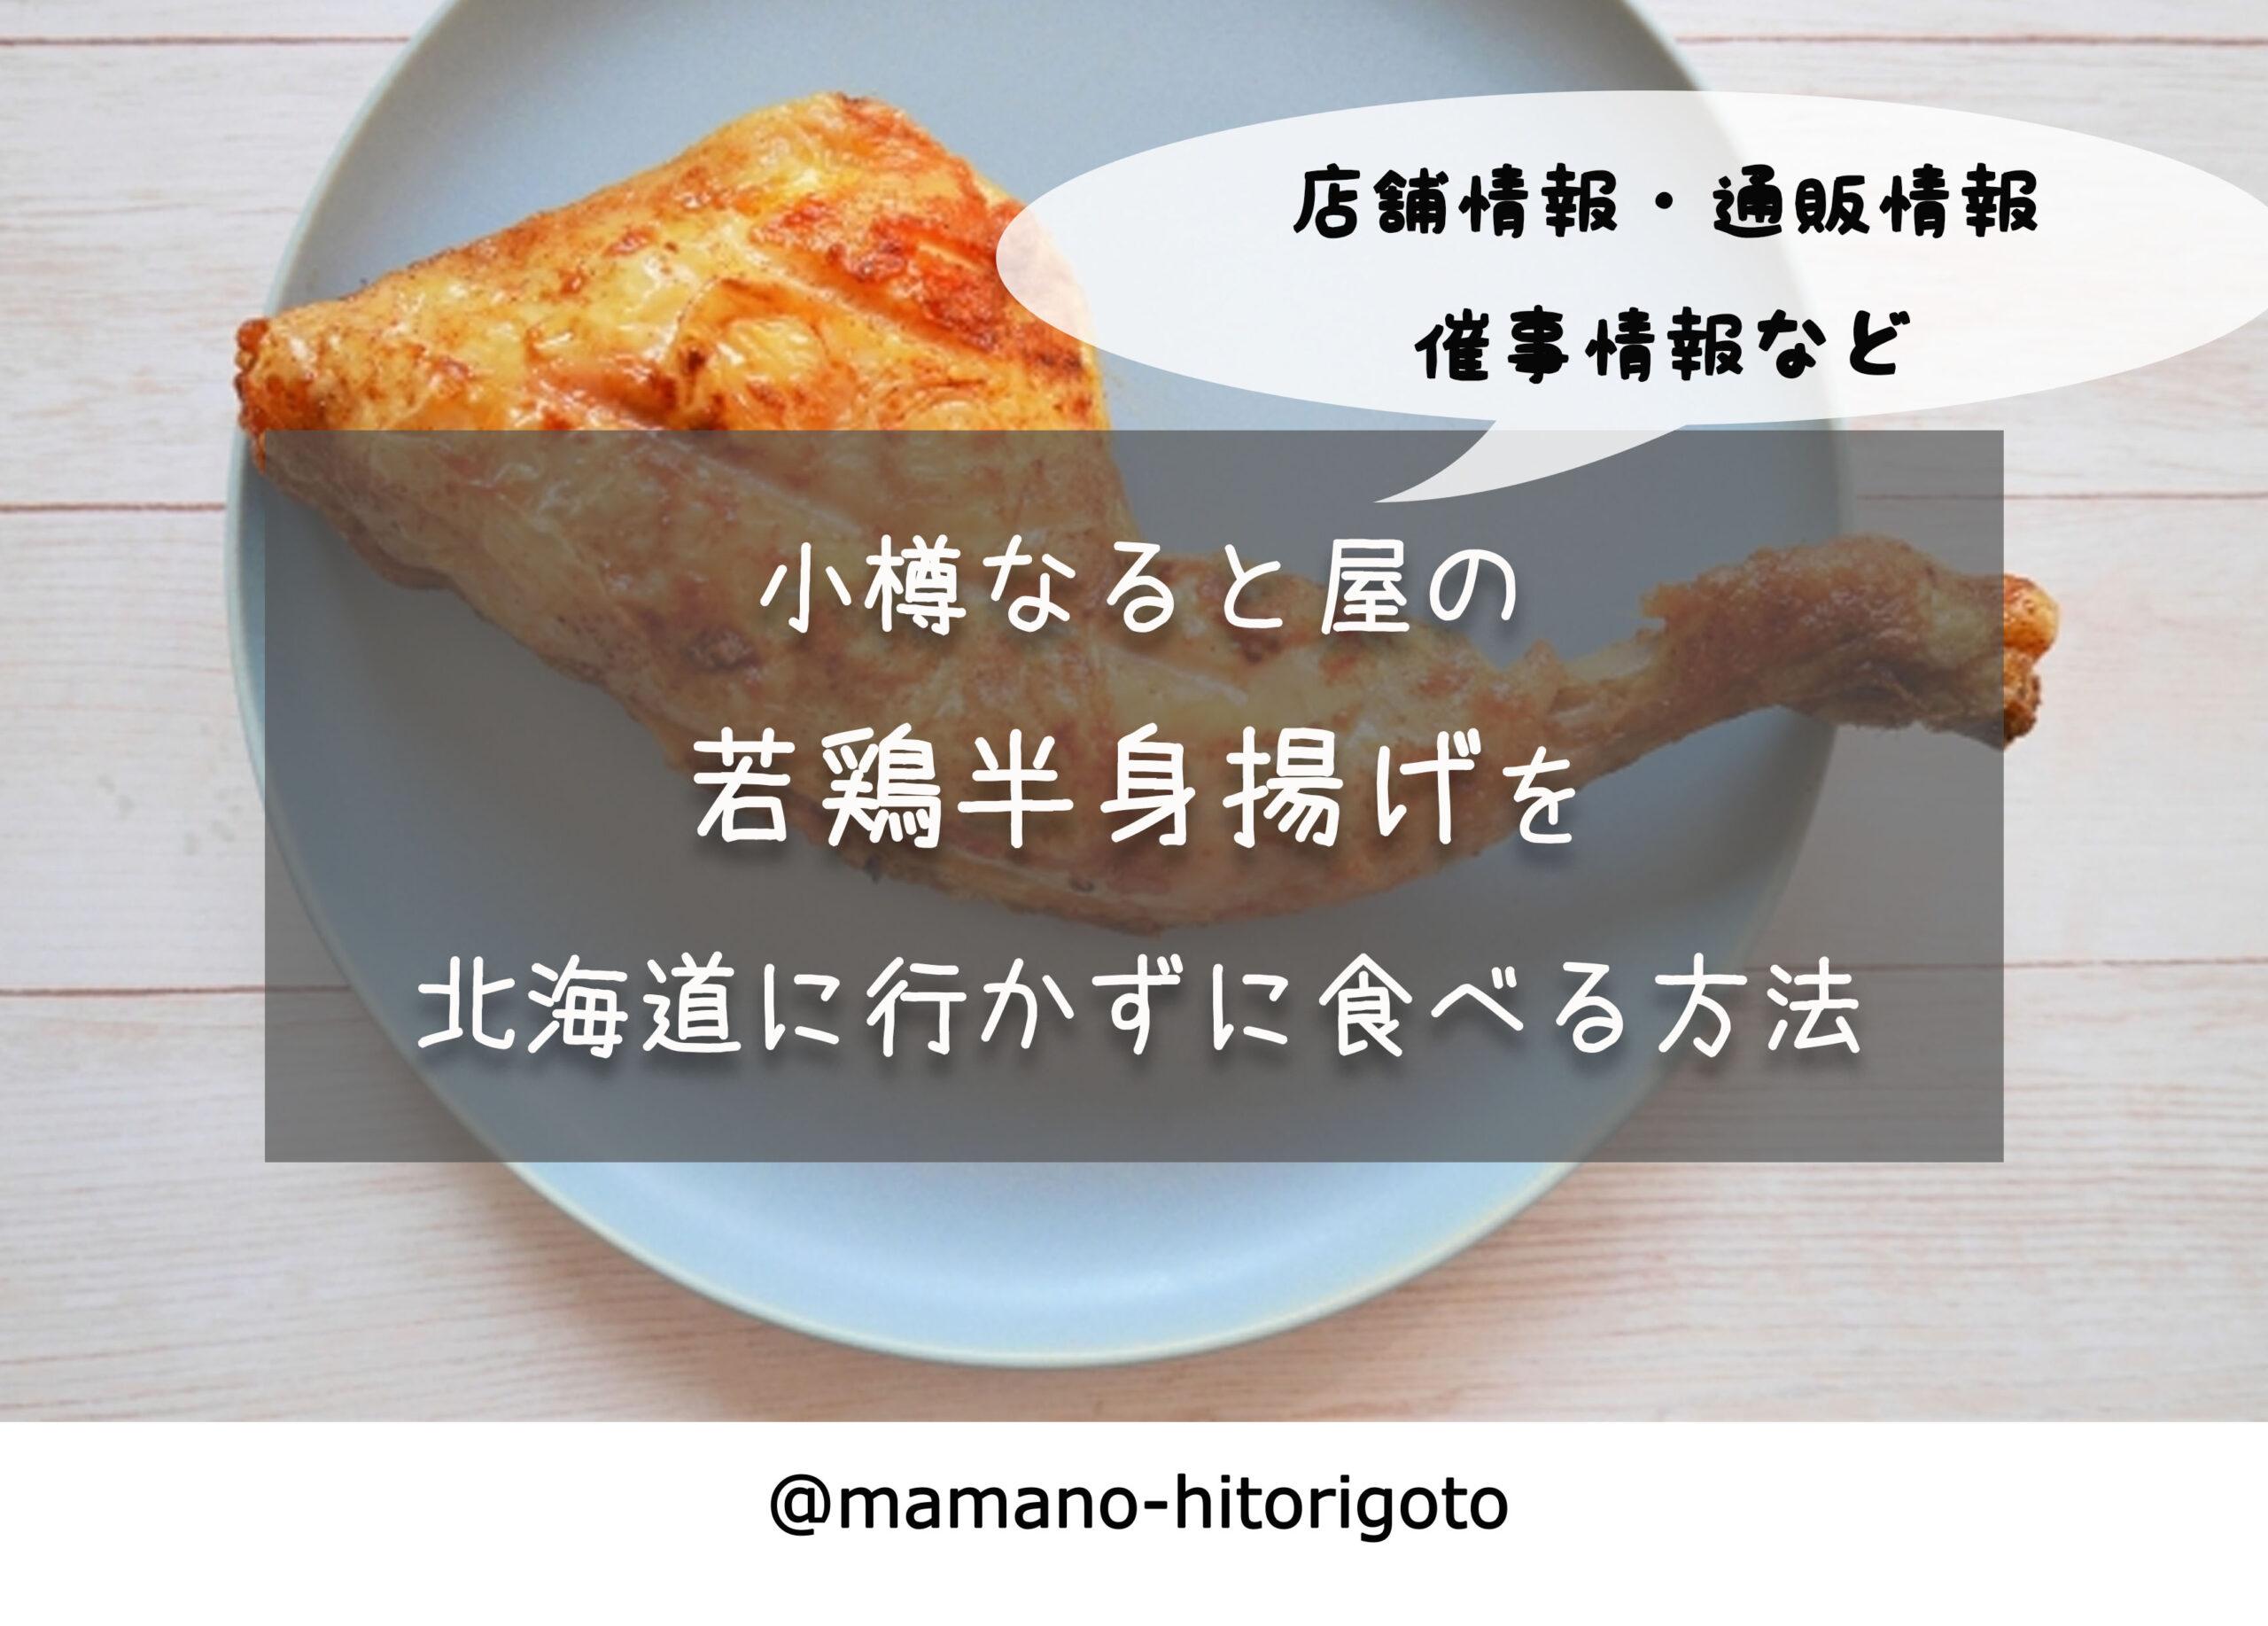 小樽なると屋の若鶏半身揚げを北海道に行かずに食べる方法